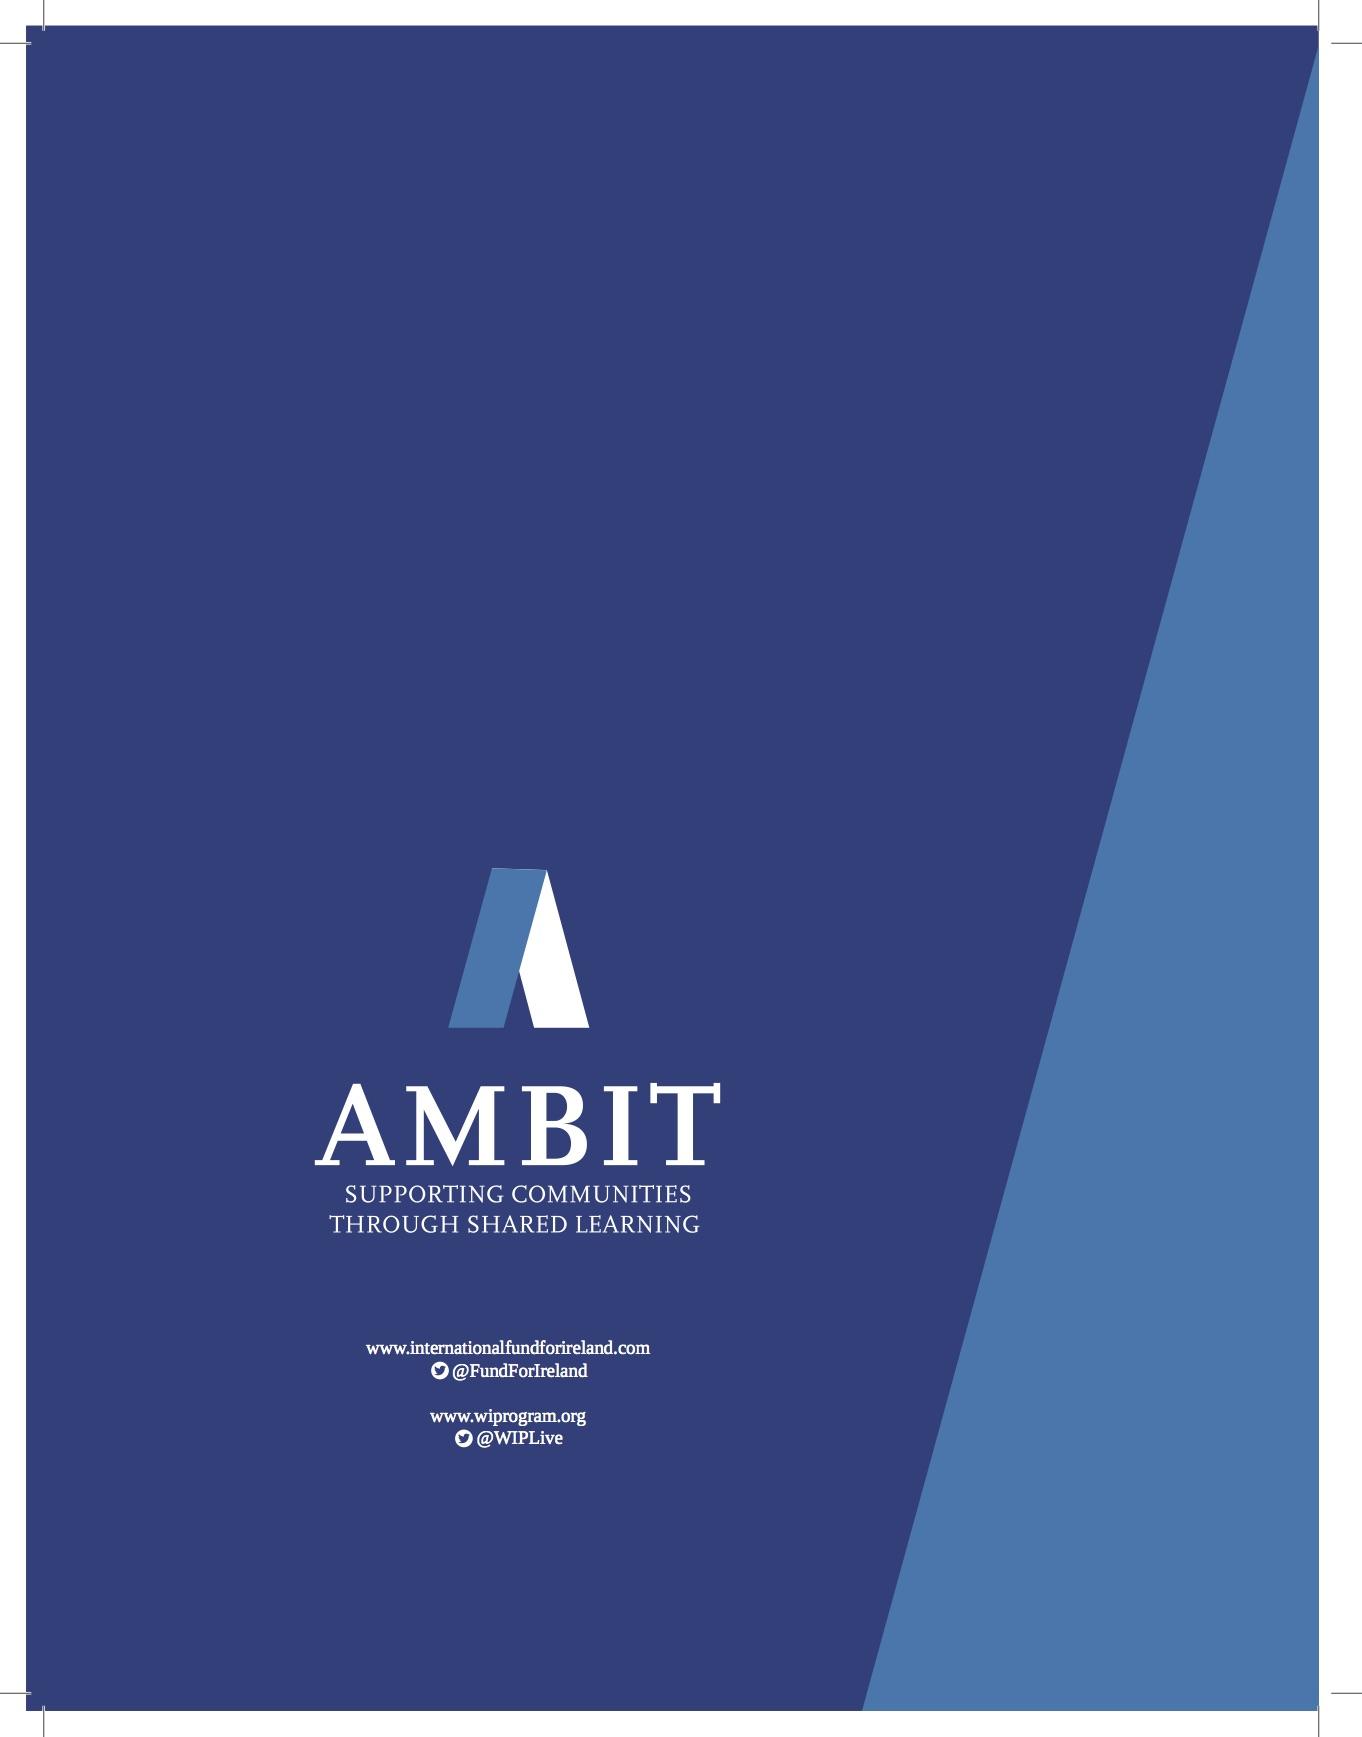 AMBIT 2017 Bios 8